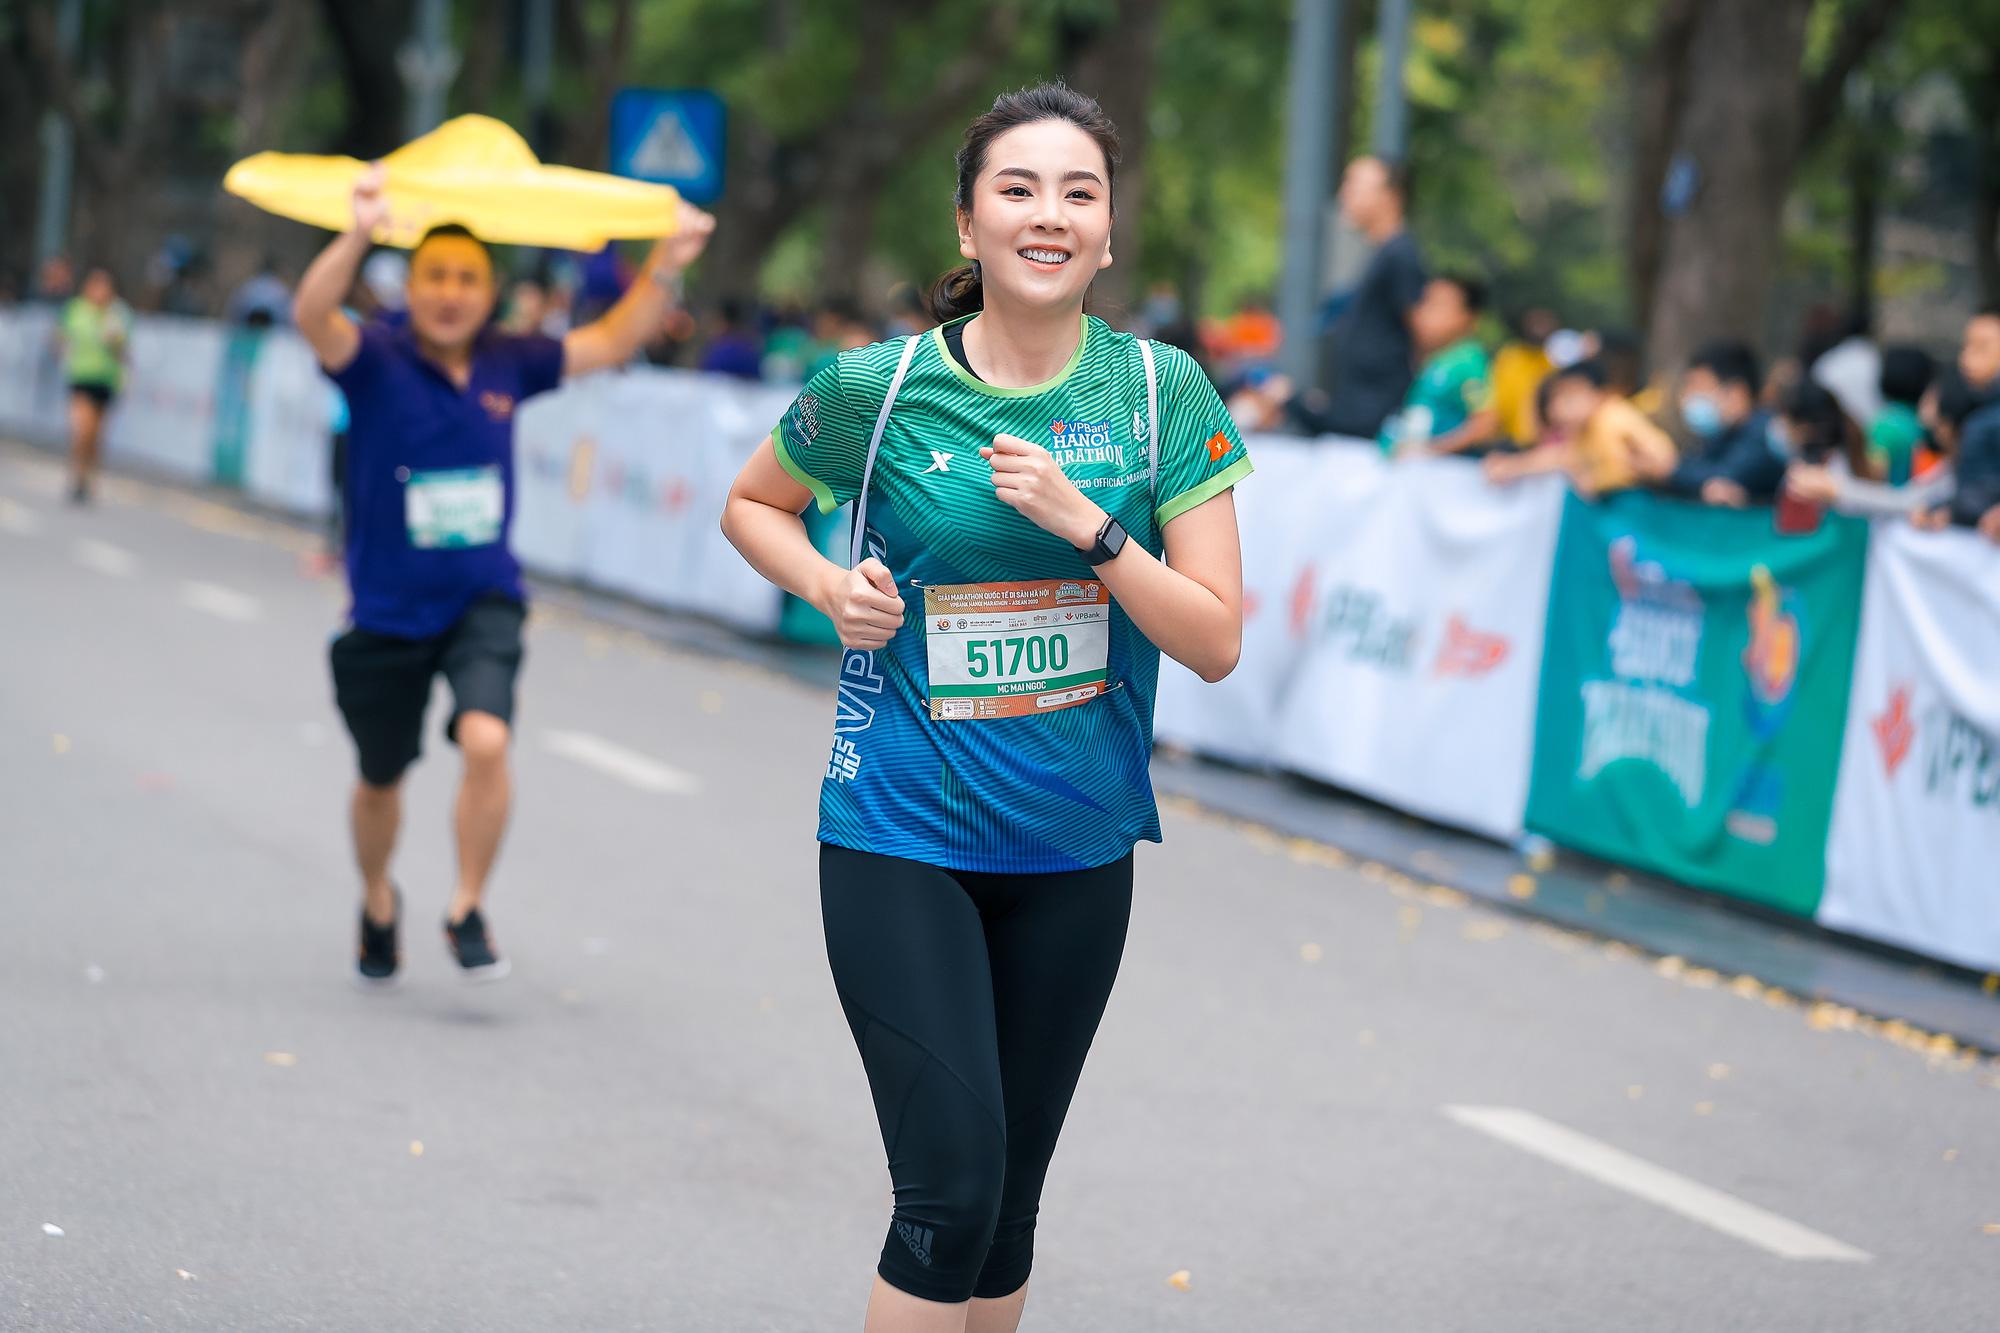 Quân đoàn mỹ nhân gây sốt tại giải Marathon: Mai Phương Thuý chơi trội khoe khéo vòng 1 gần 100 cm, Mai Ngọc xuất hiện rạng rỡ - Ảnh 8.